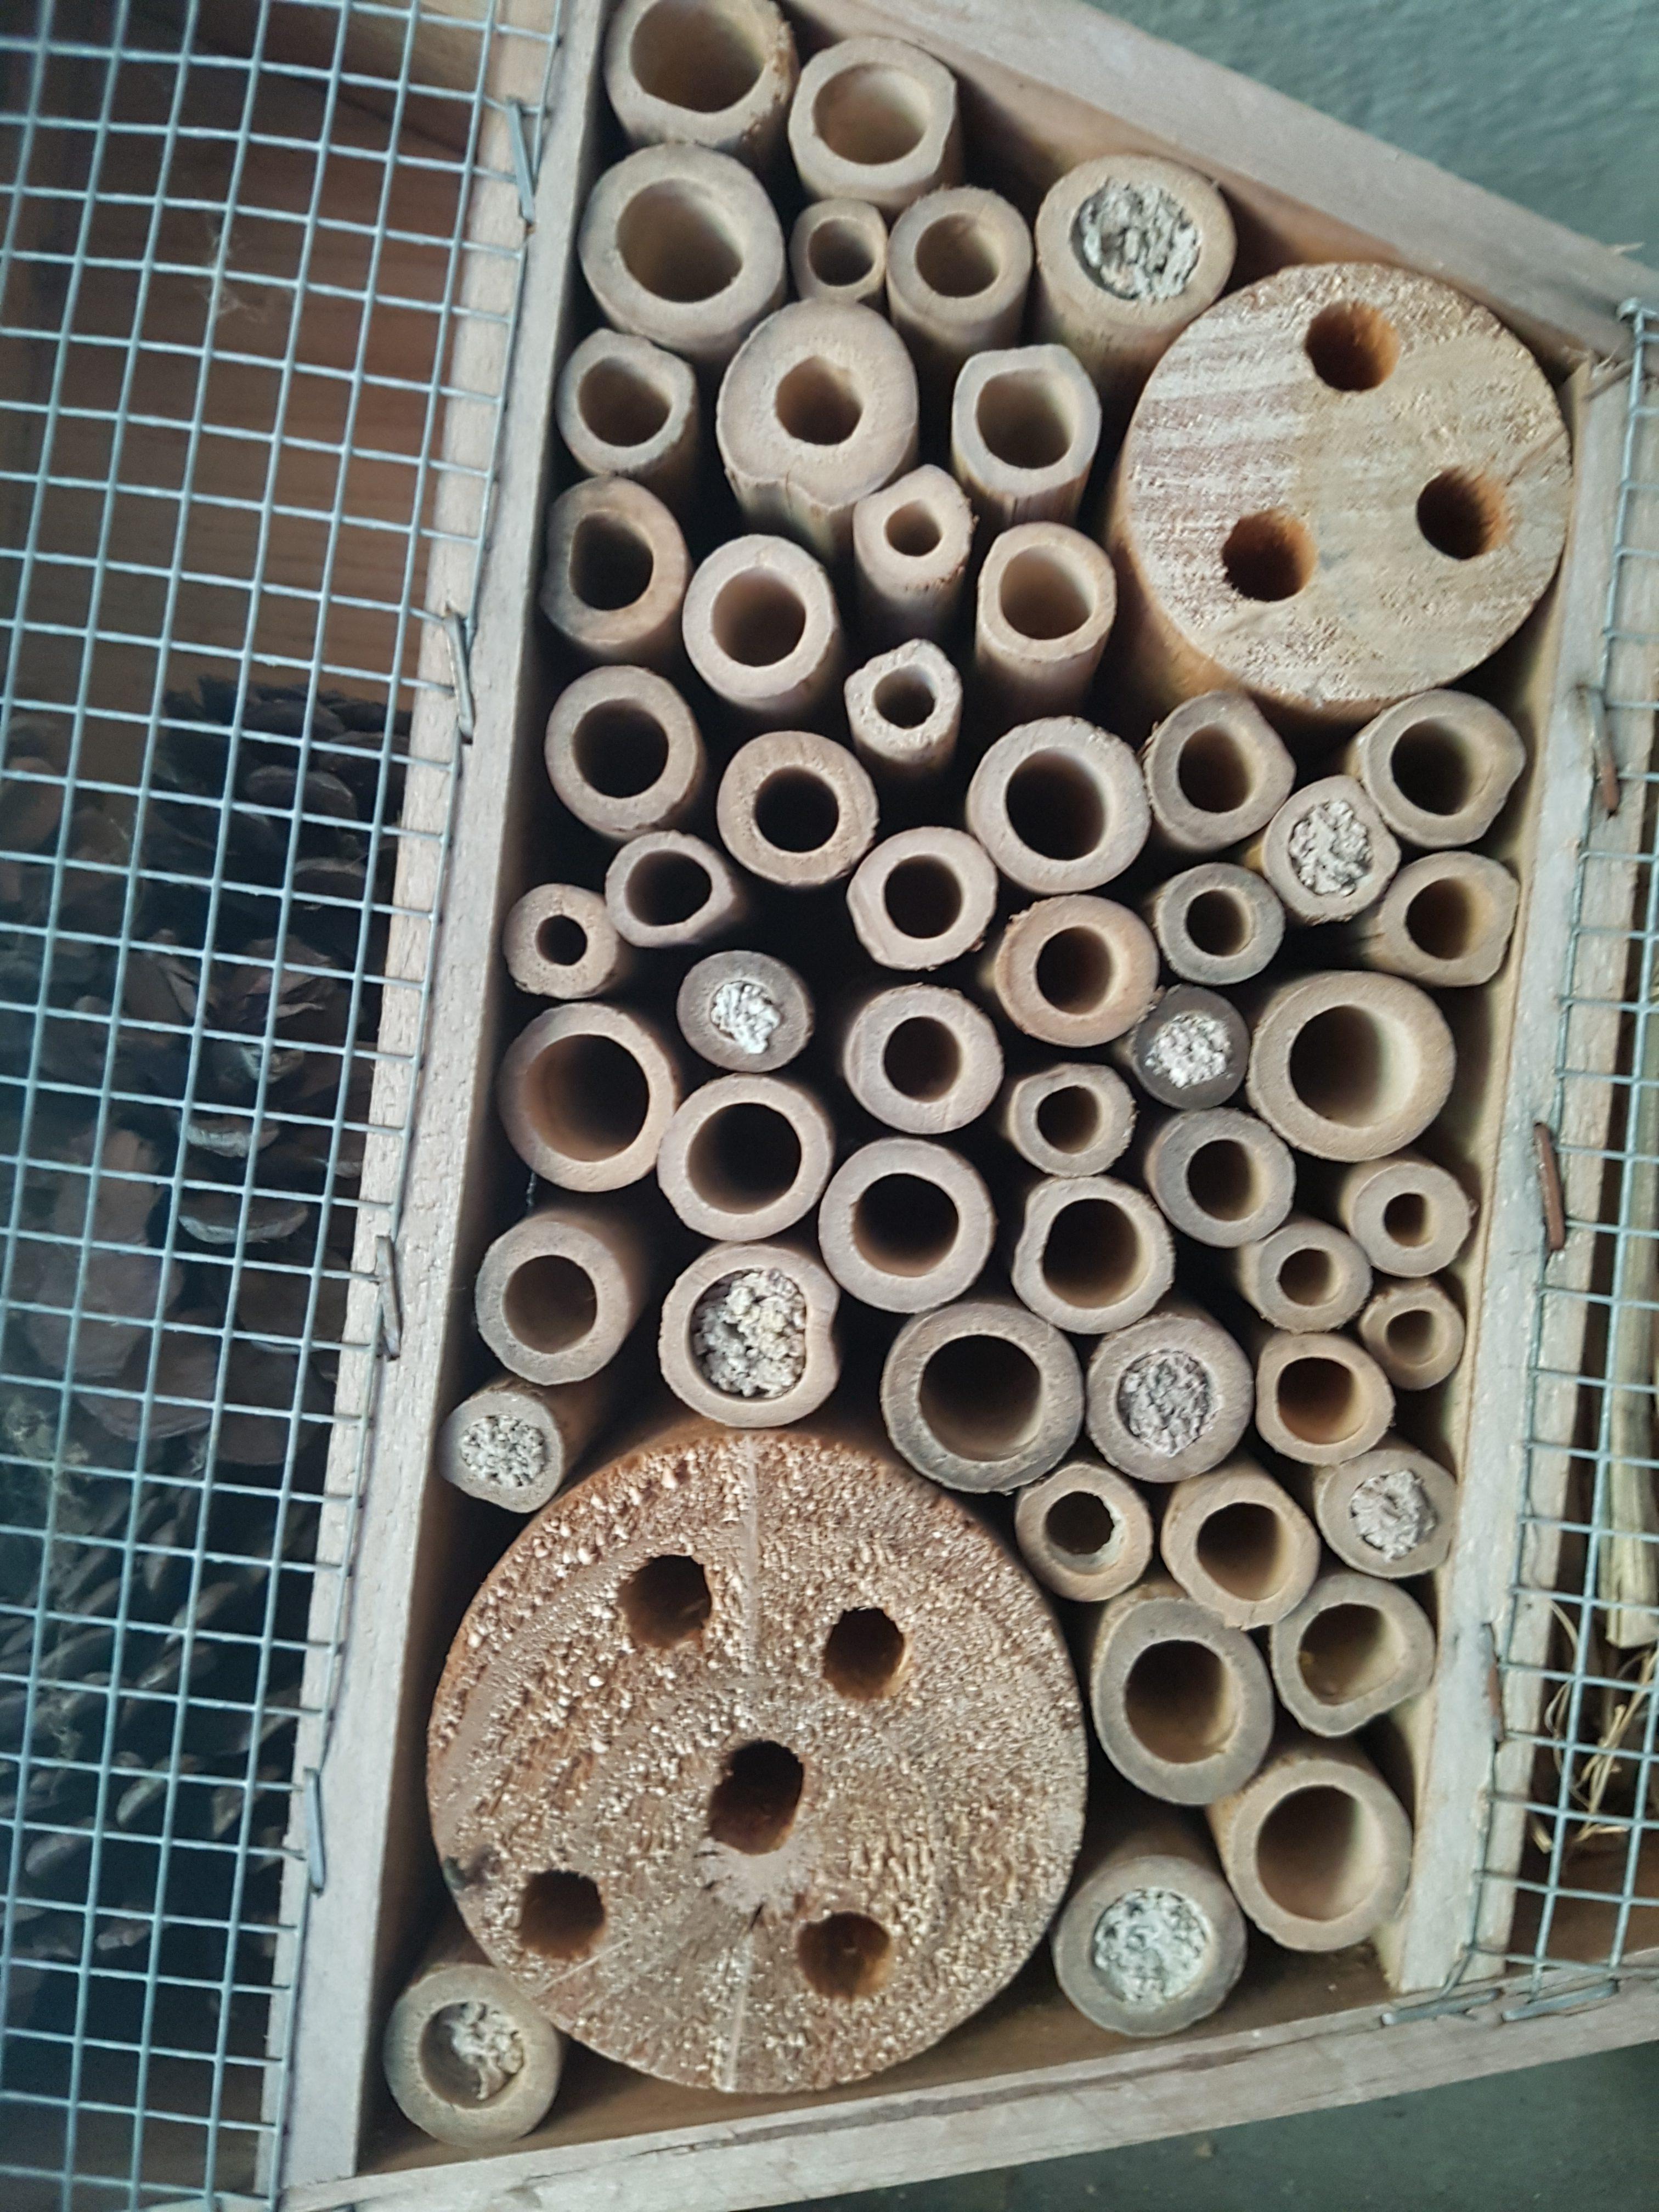 Kleine Kolonie Mauerbienen als Untermieter © Thomas Petschinka